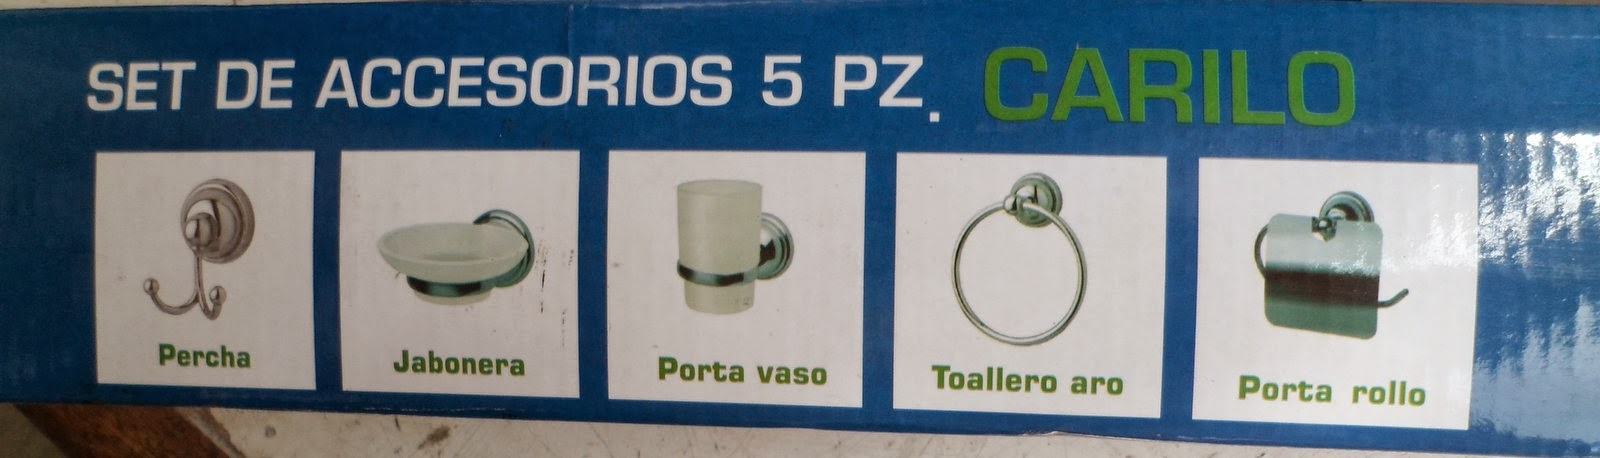 Punto sanitario promoci n en set de accesorios para ba o for Set de accesorios para bano